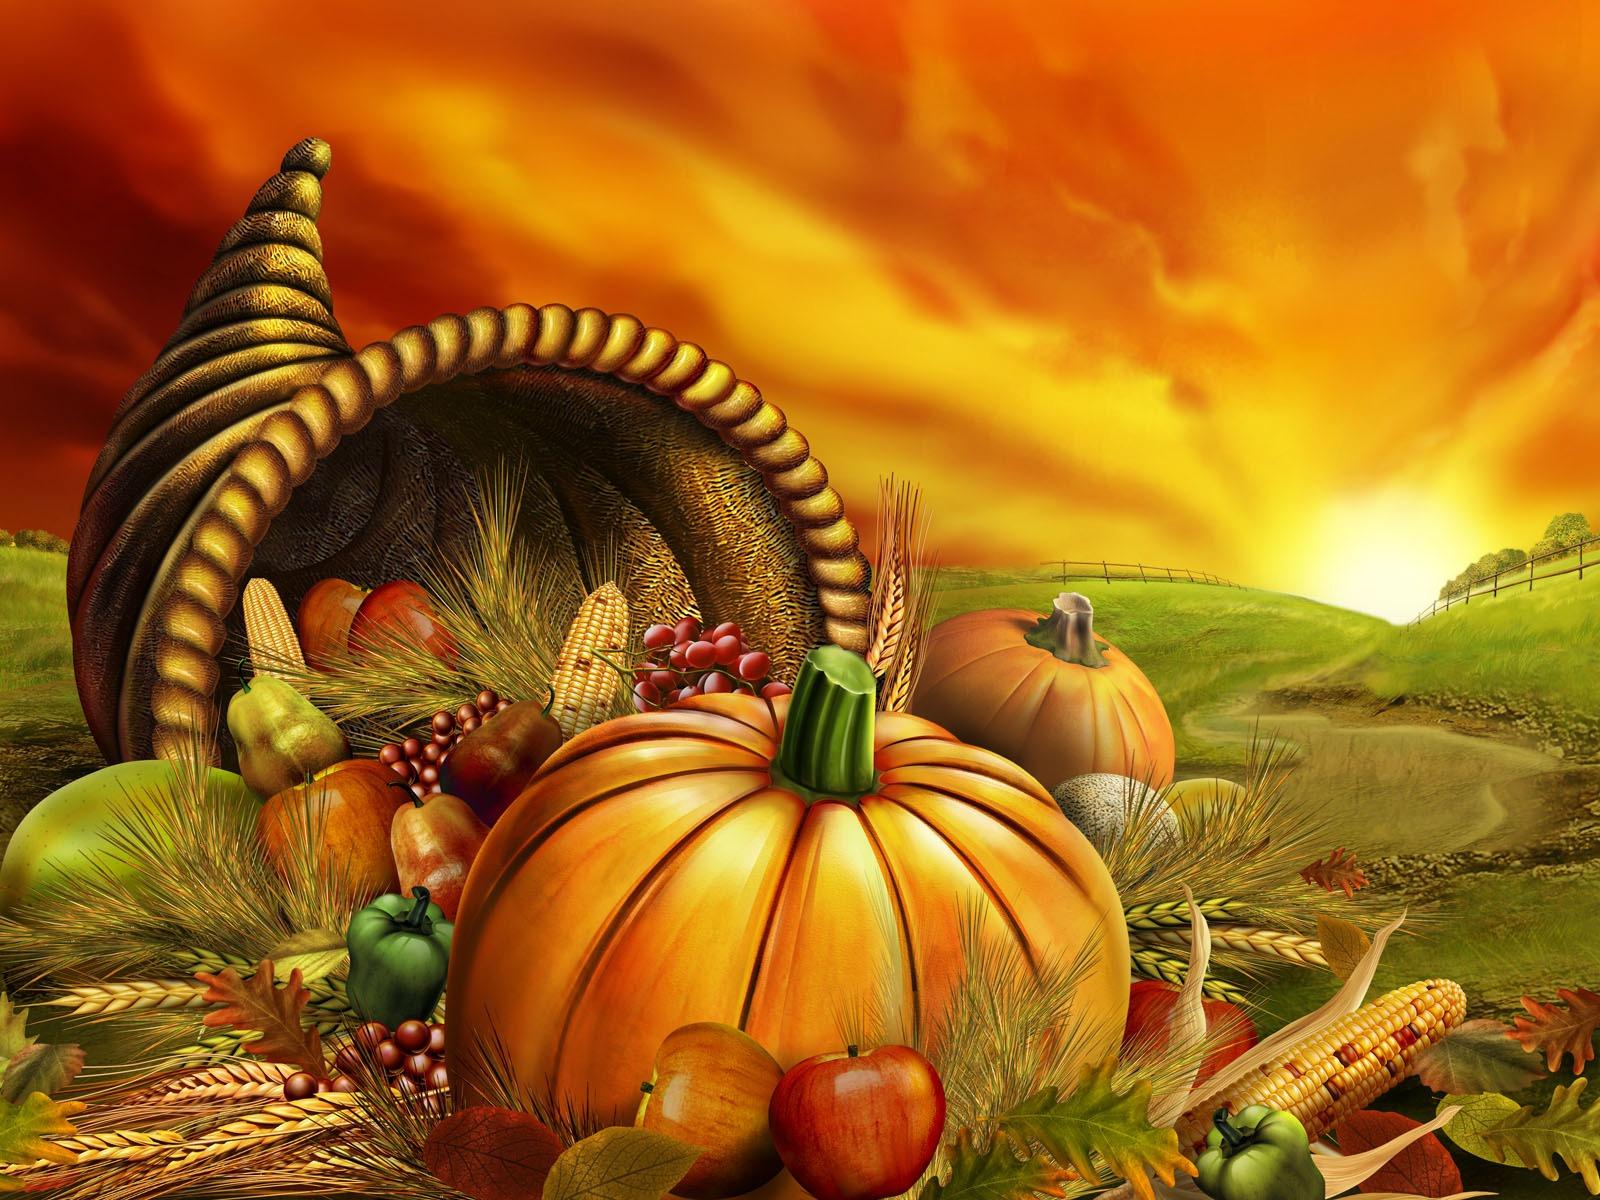 78] Thanksgiving Desktop Wallpaper on WallpaperSafari 1600x1200